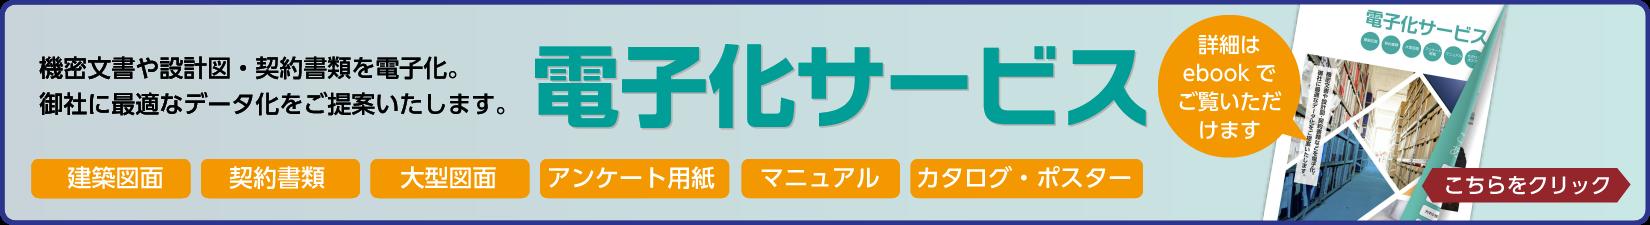 電子化サービスパンフレット